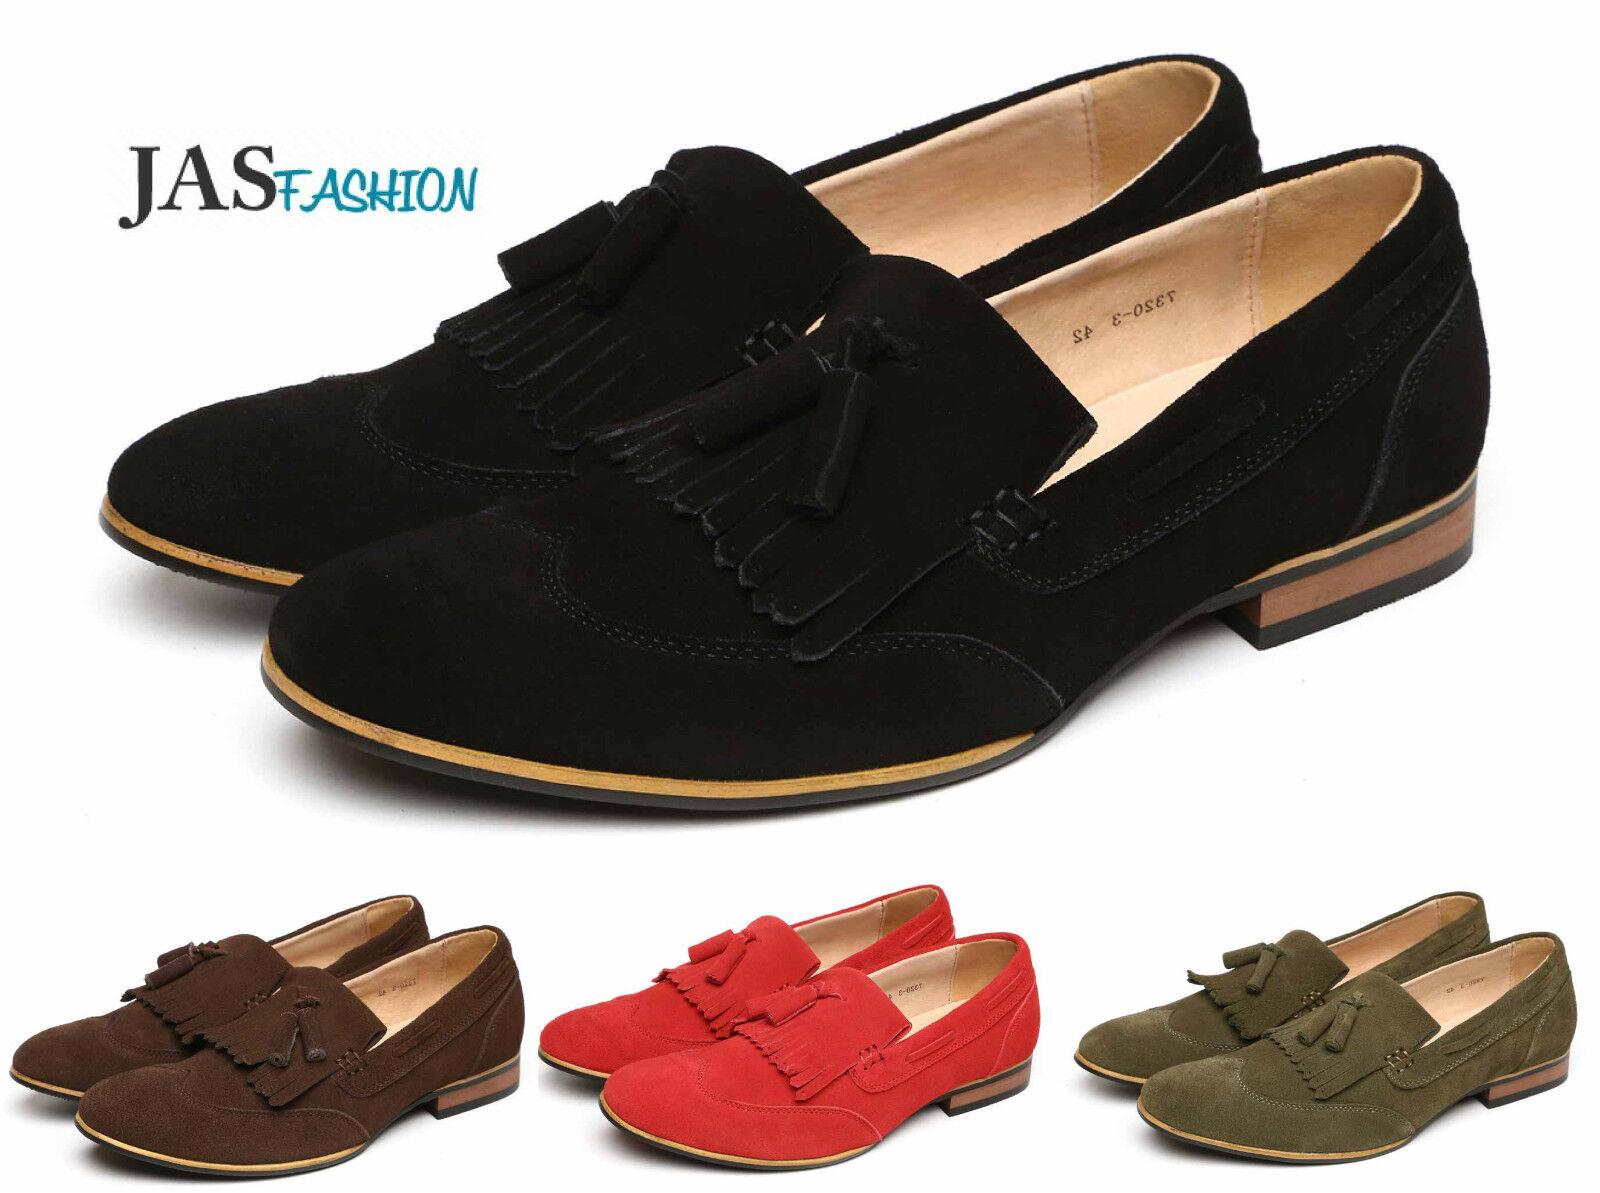 promo code b4564 afe62 Uomo leather mocassini scarpe scarpe scarpe in pelle scamosciata Designer  Casual Con Nappa Mocassini punta ali